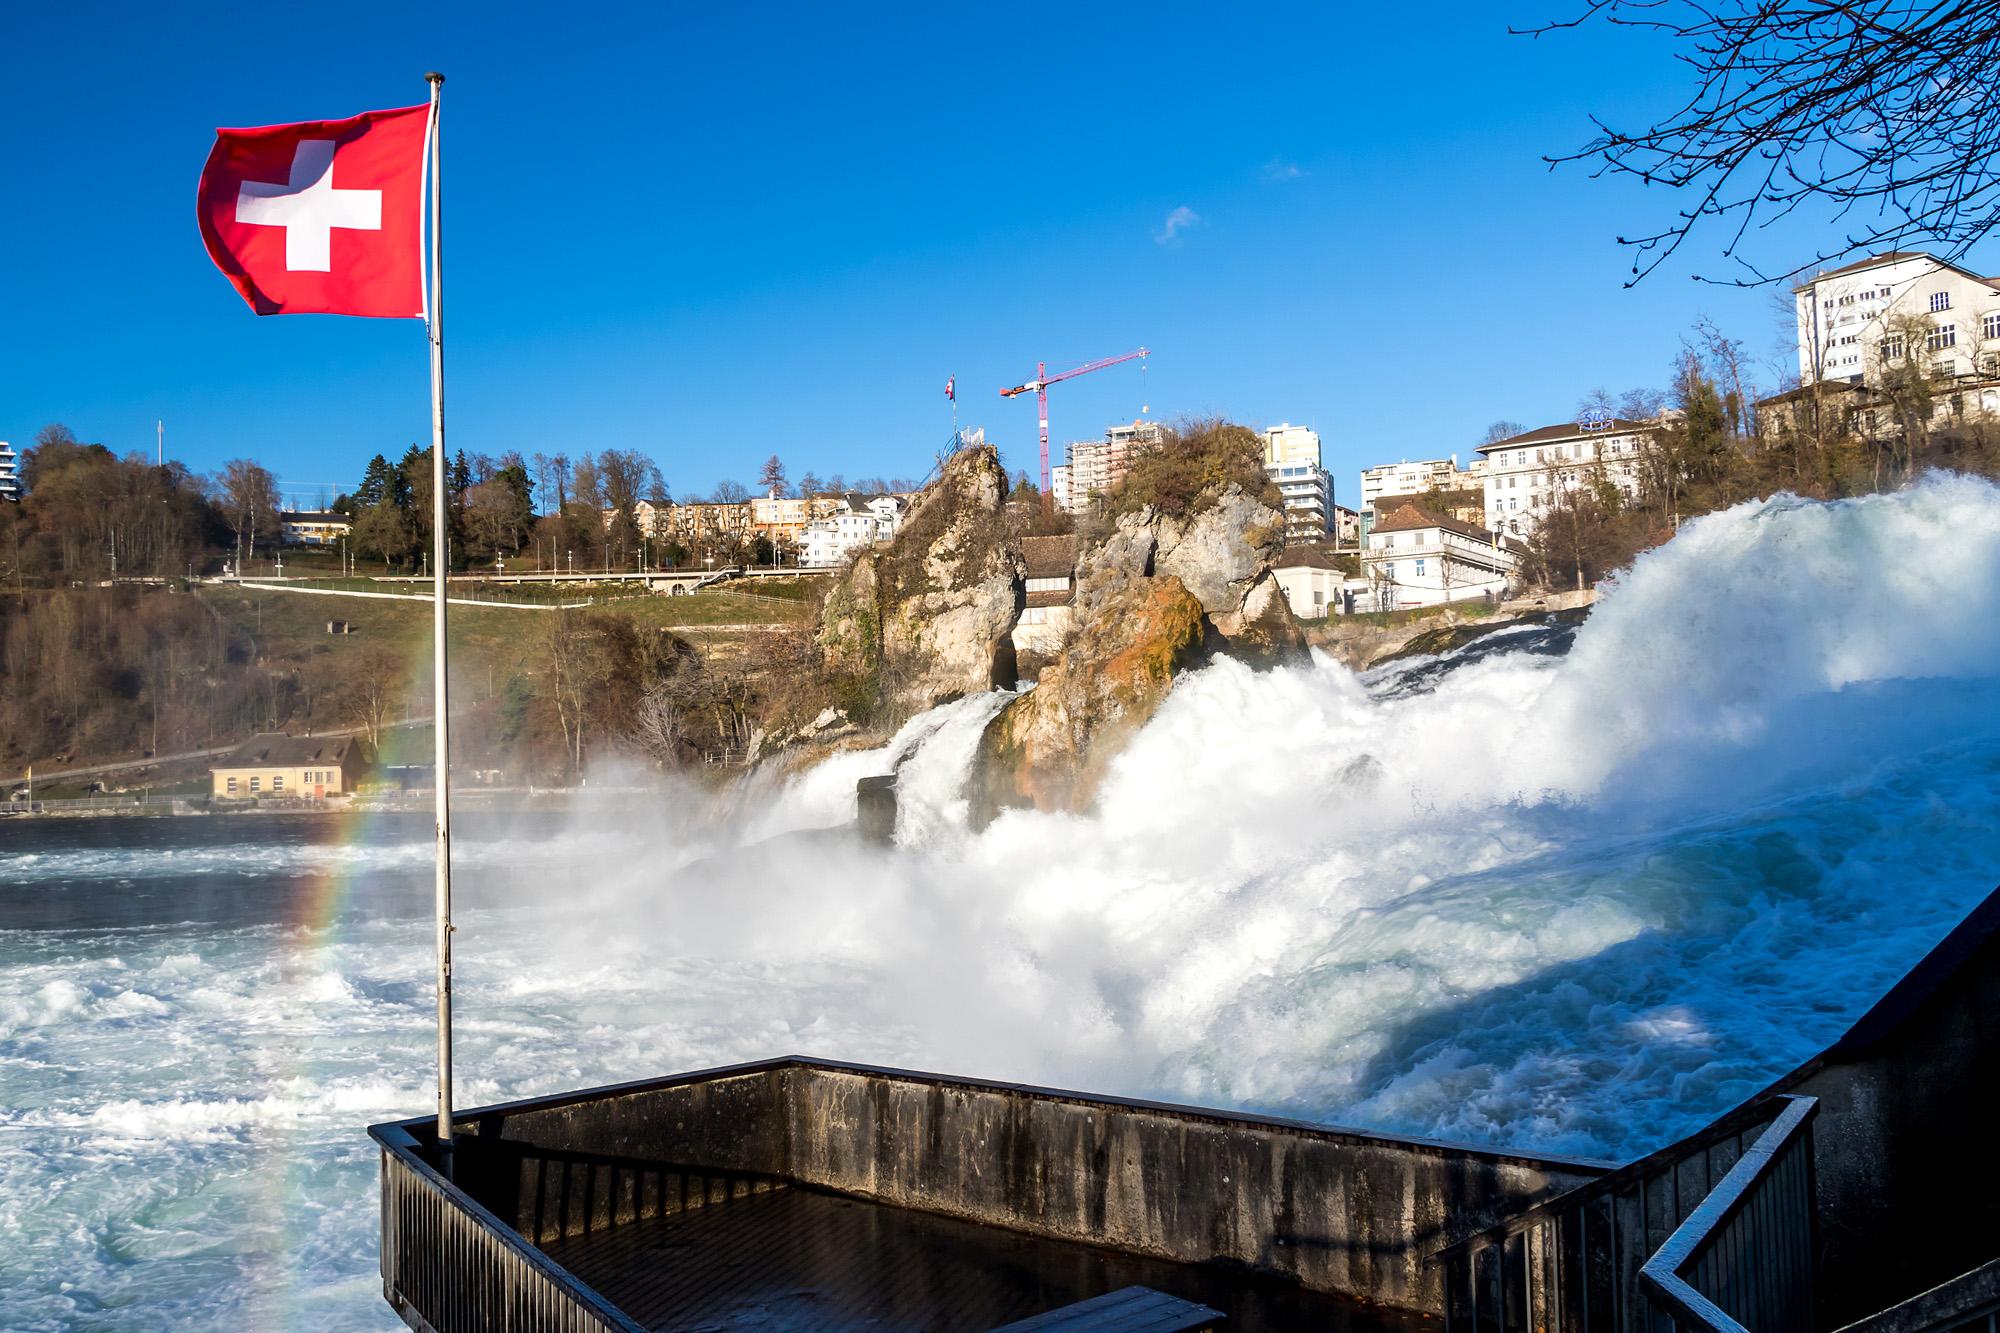 Tosende Naturgewalt: Der Rheinfall am Fusse des Schloss Laufen (ZH)